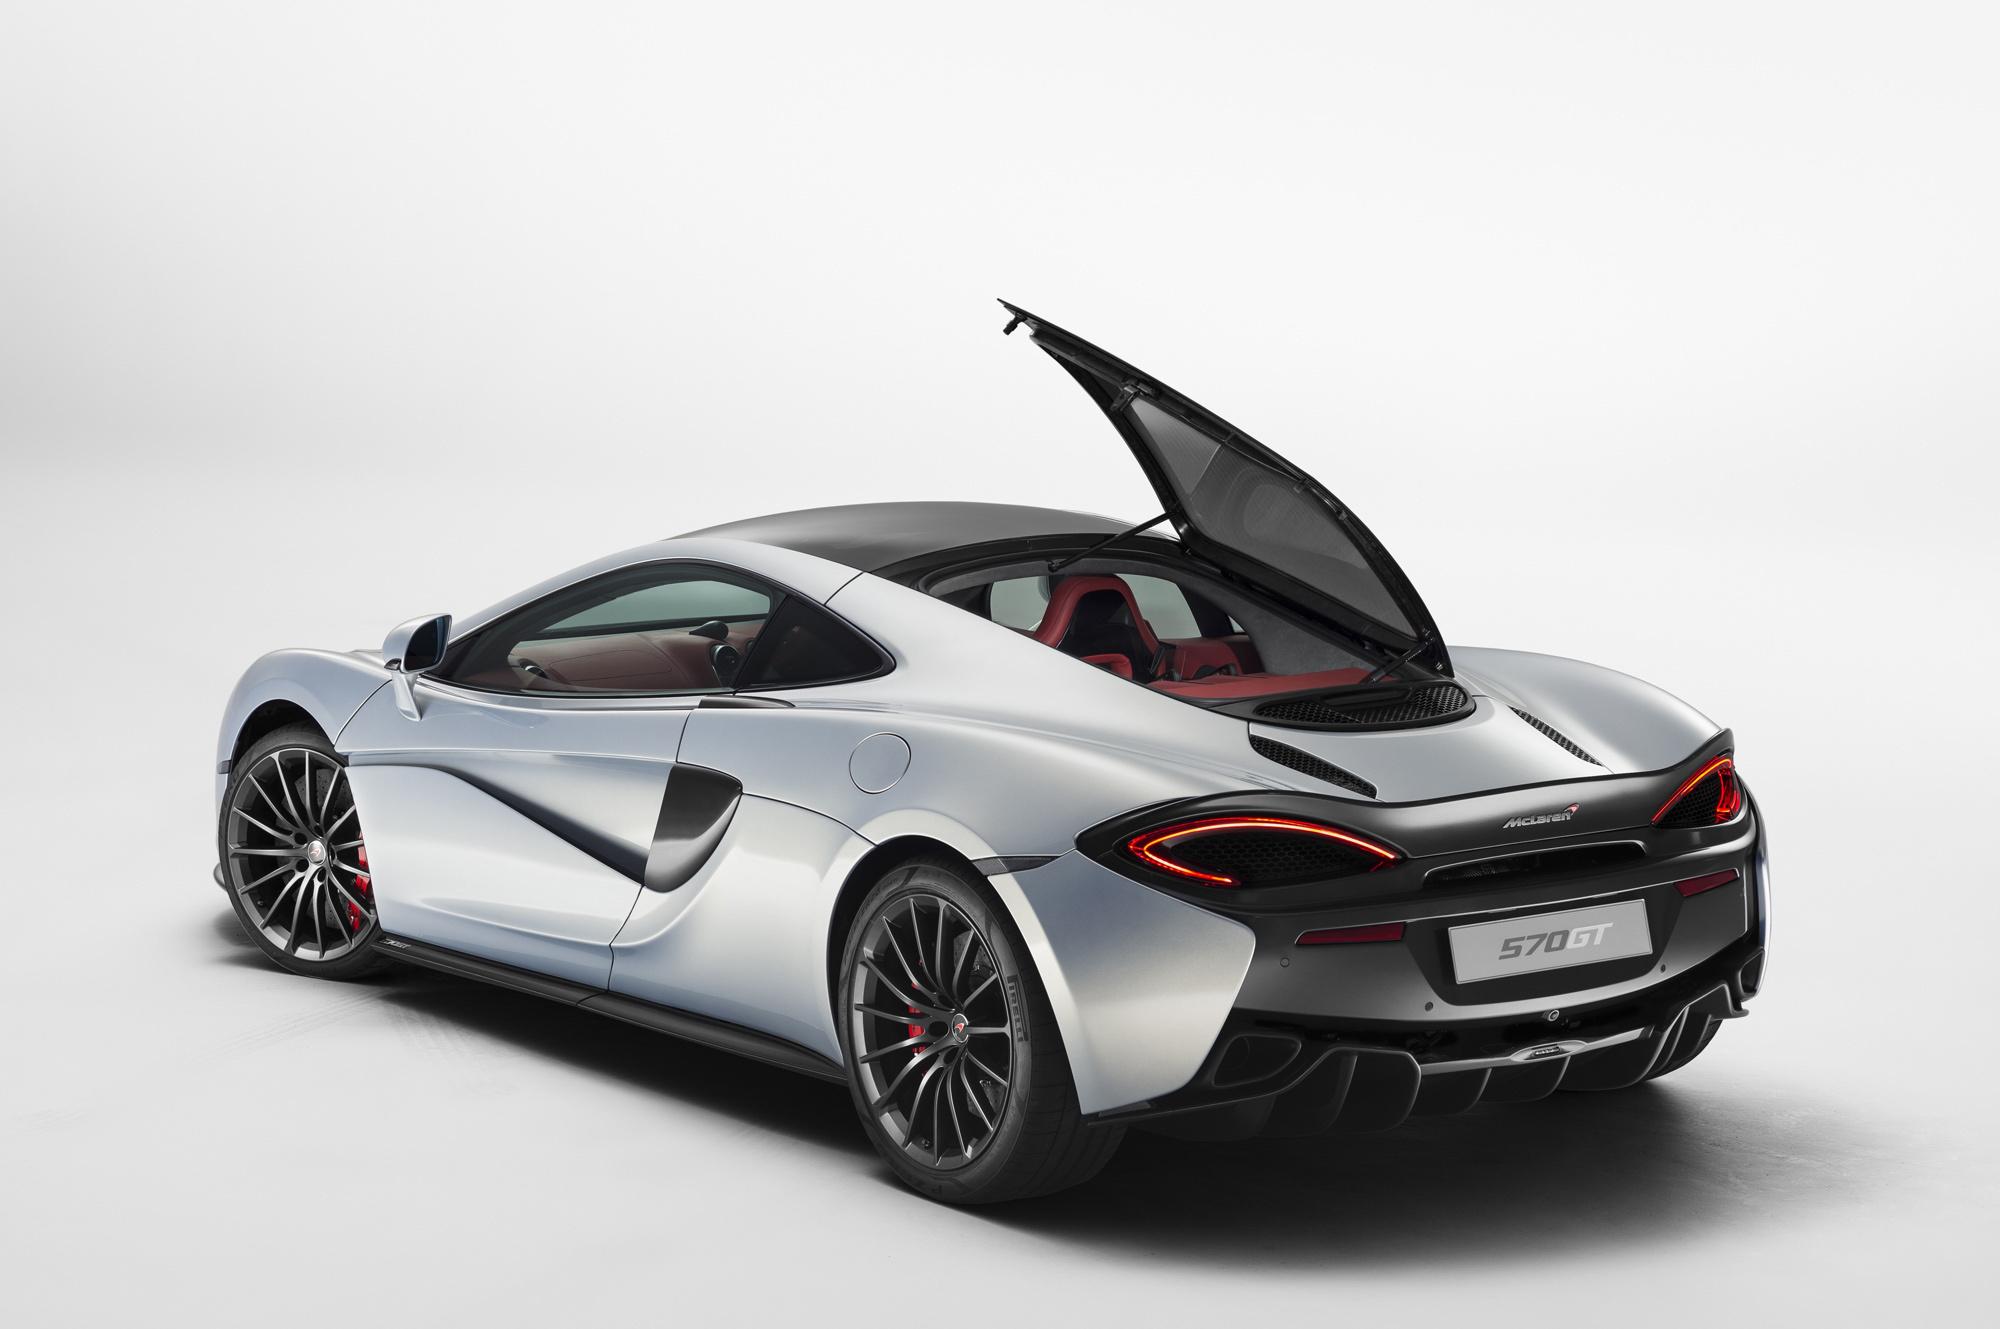 Pictures Of McLaren 570GT